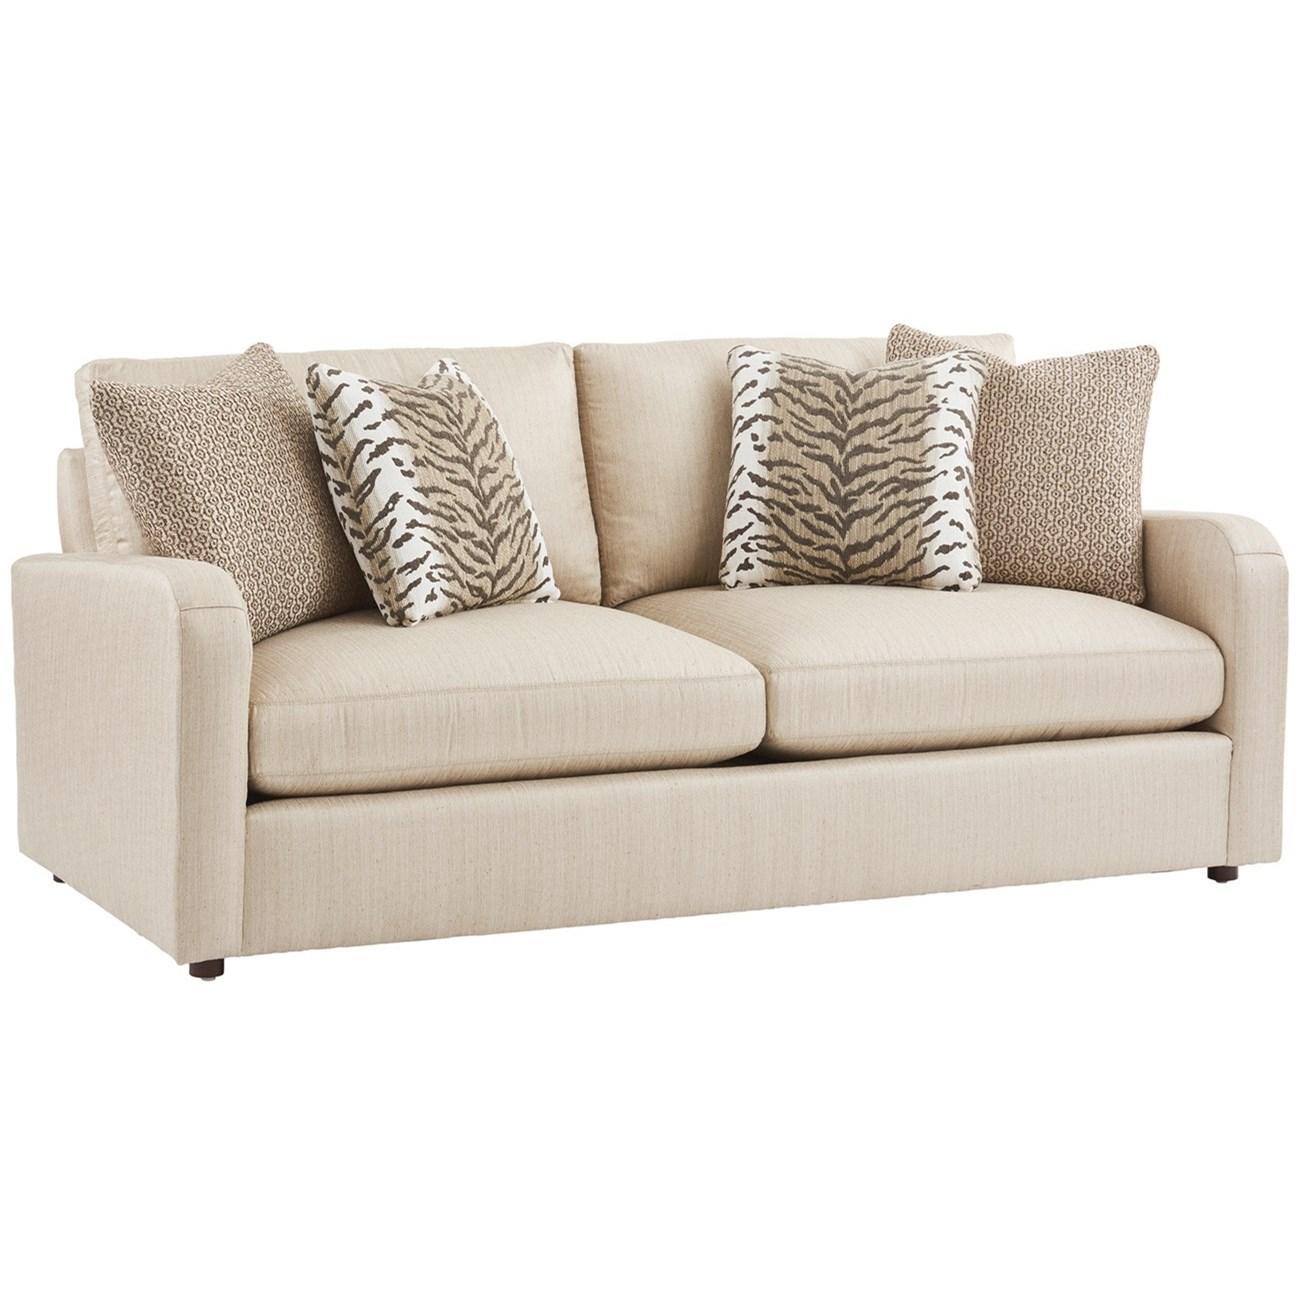 Barclay Butera Upholstery Grant Apartment Sofa by Barclay Butera at Baer's Furniture